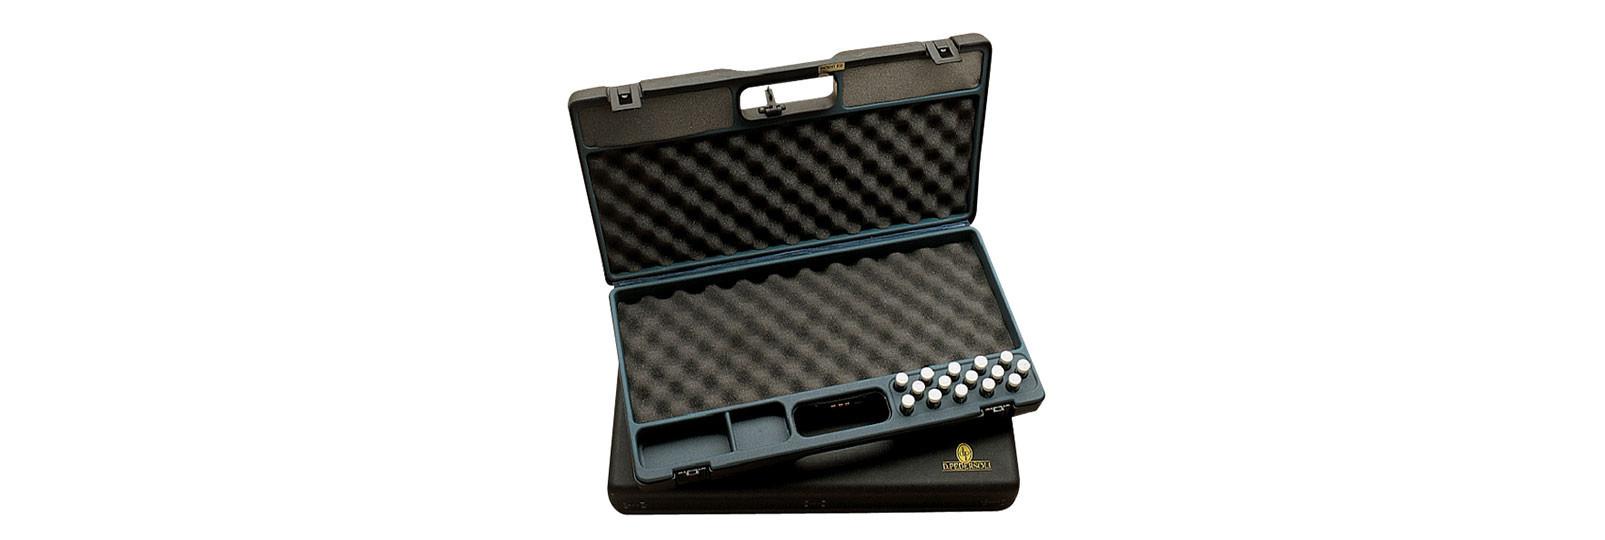 Pedersoli Super Match gun case